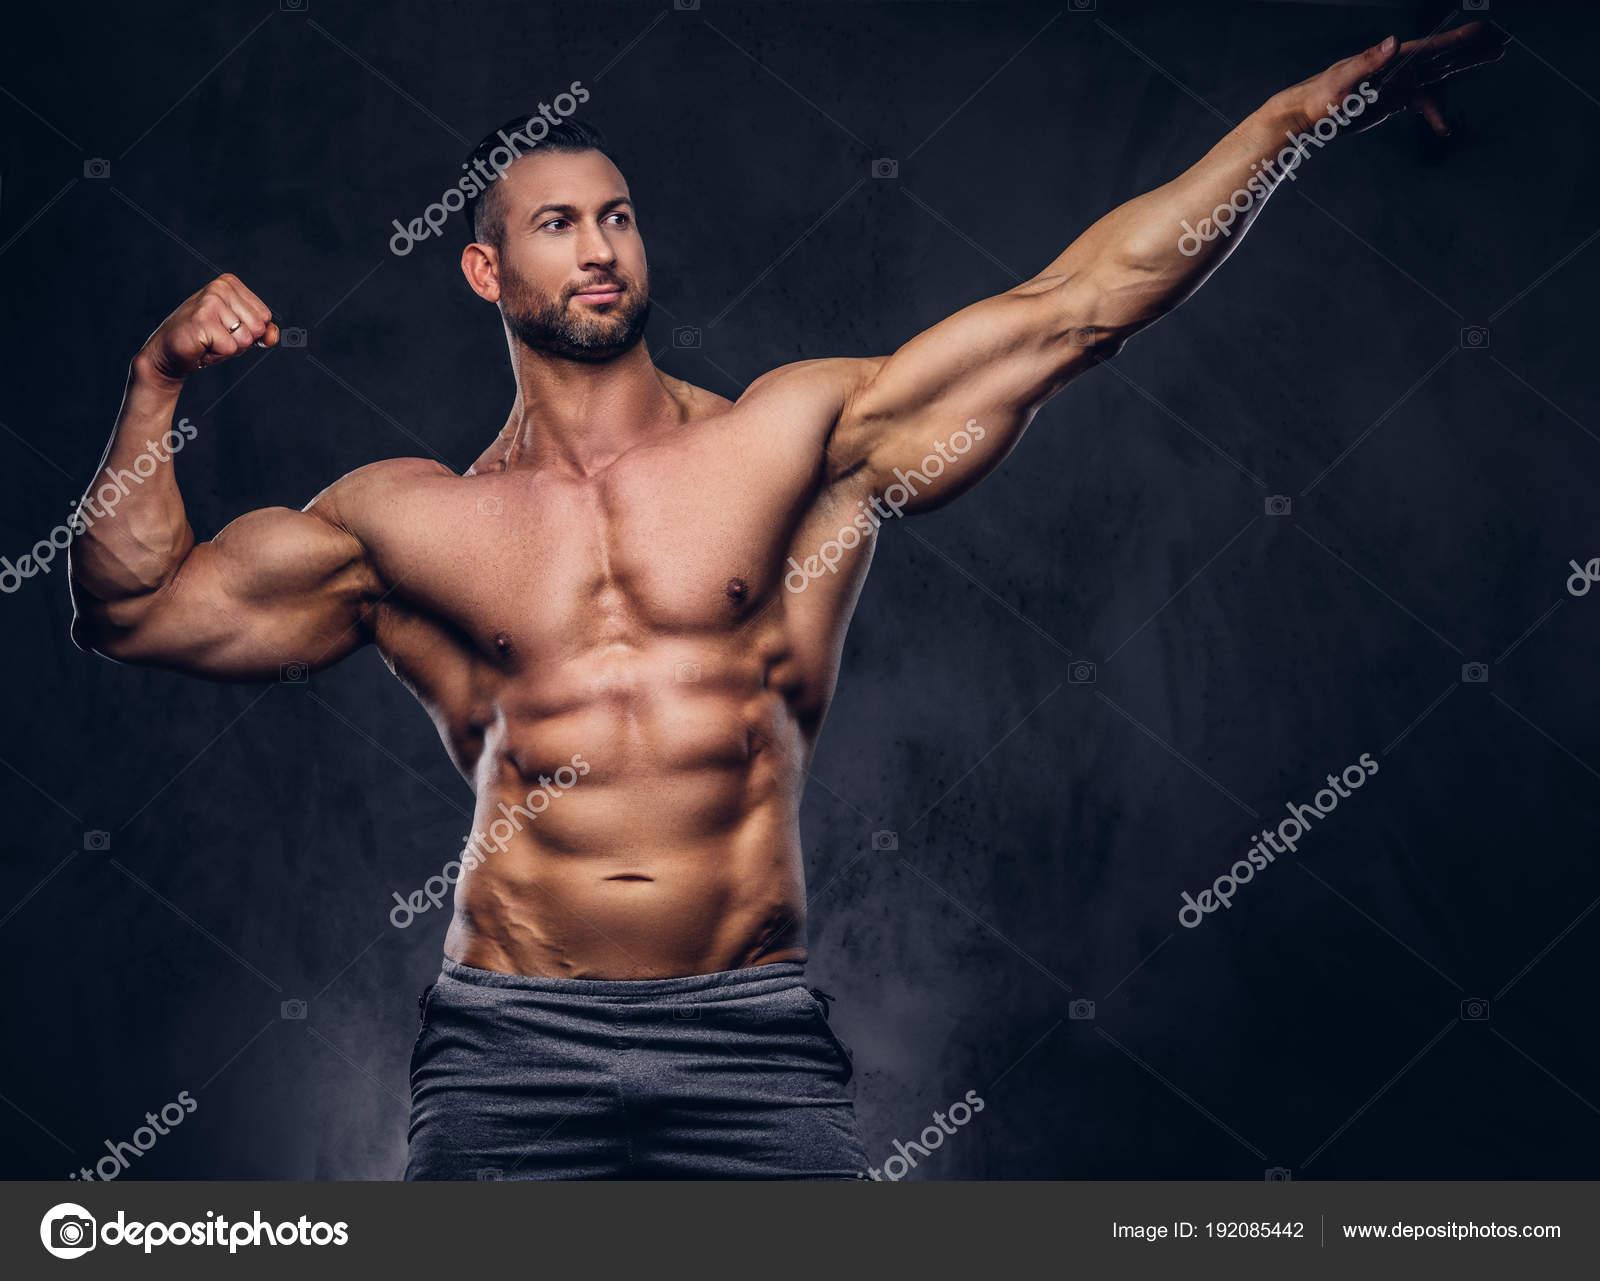 tall muscular man